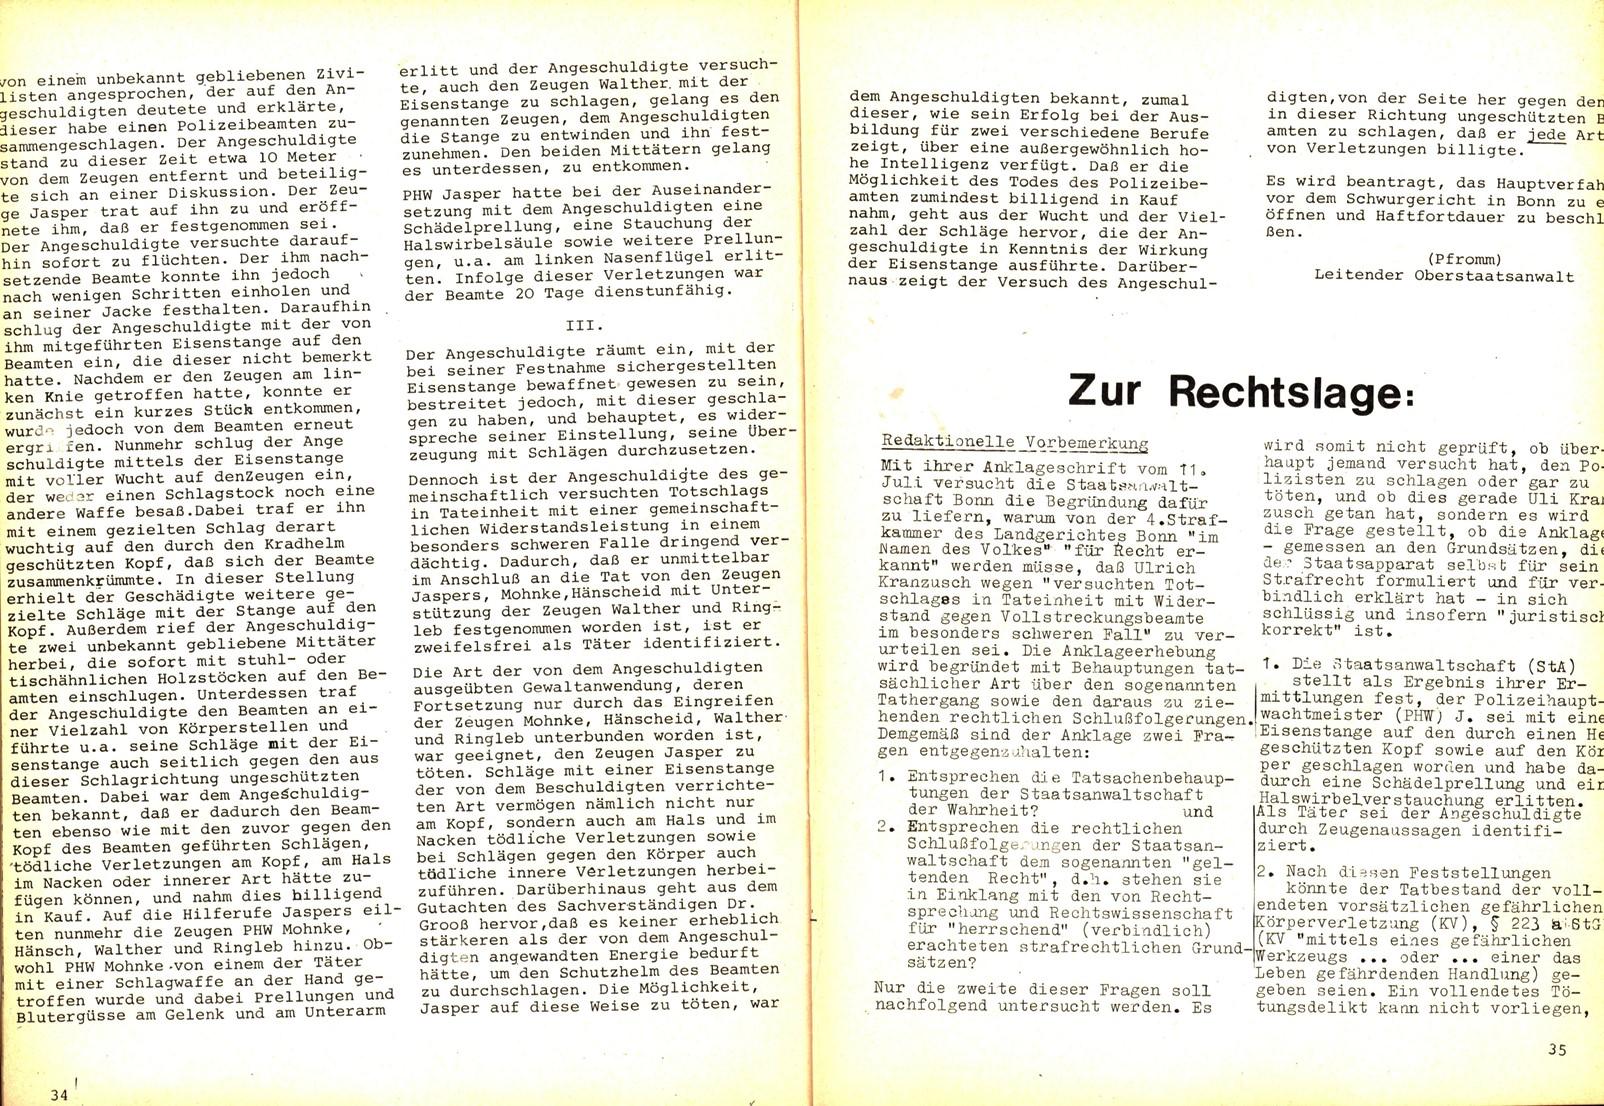 Komitee_Haende_weg_von_der_KPD_1973_Freiheit_fuer_Uli_Kranzusch_19